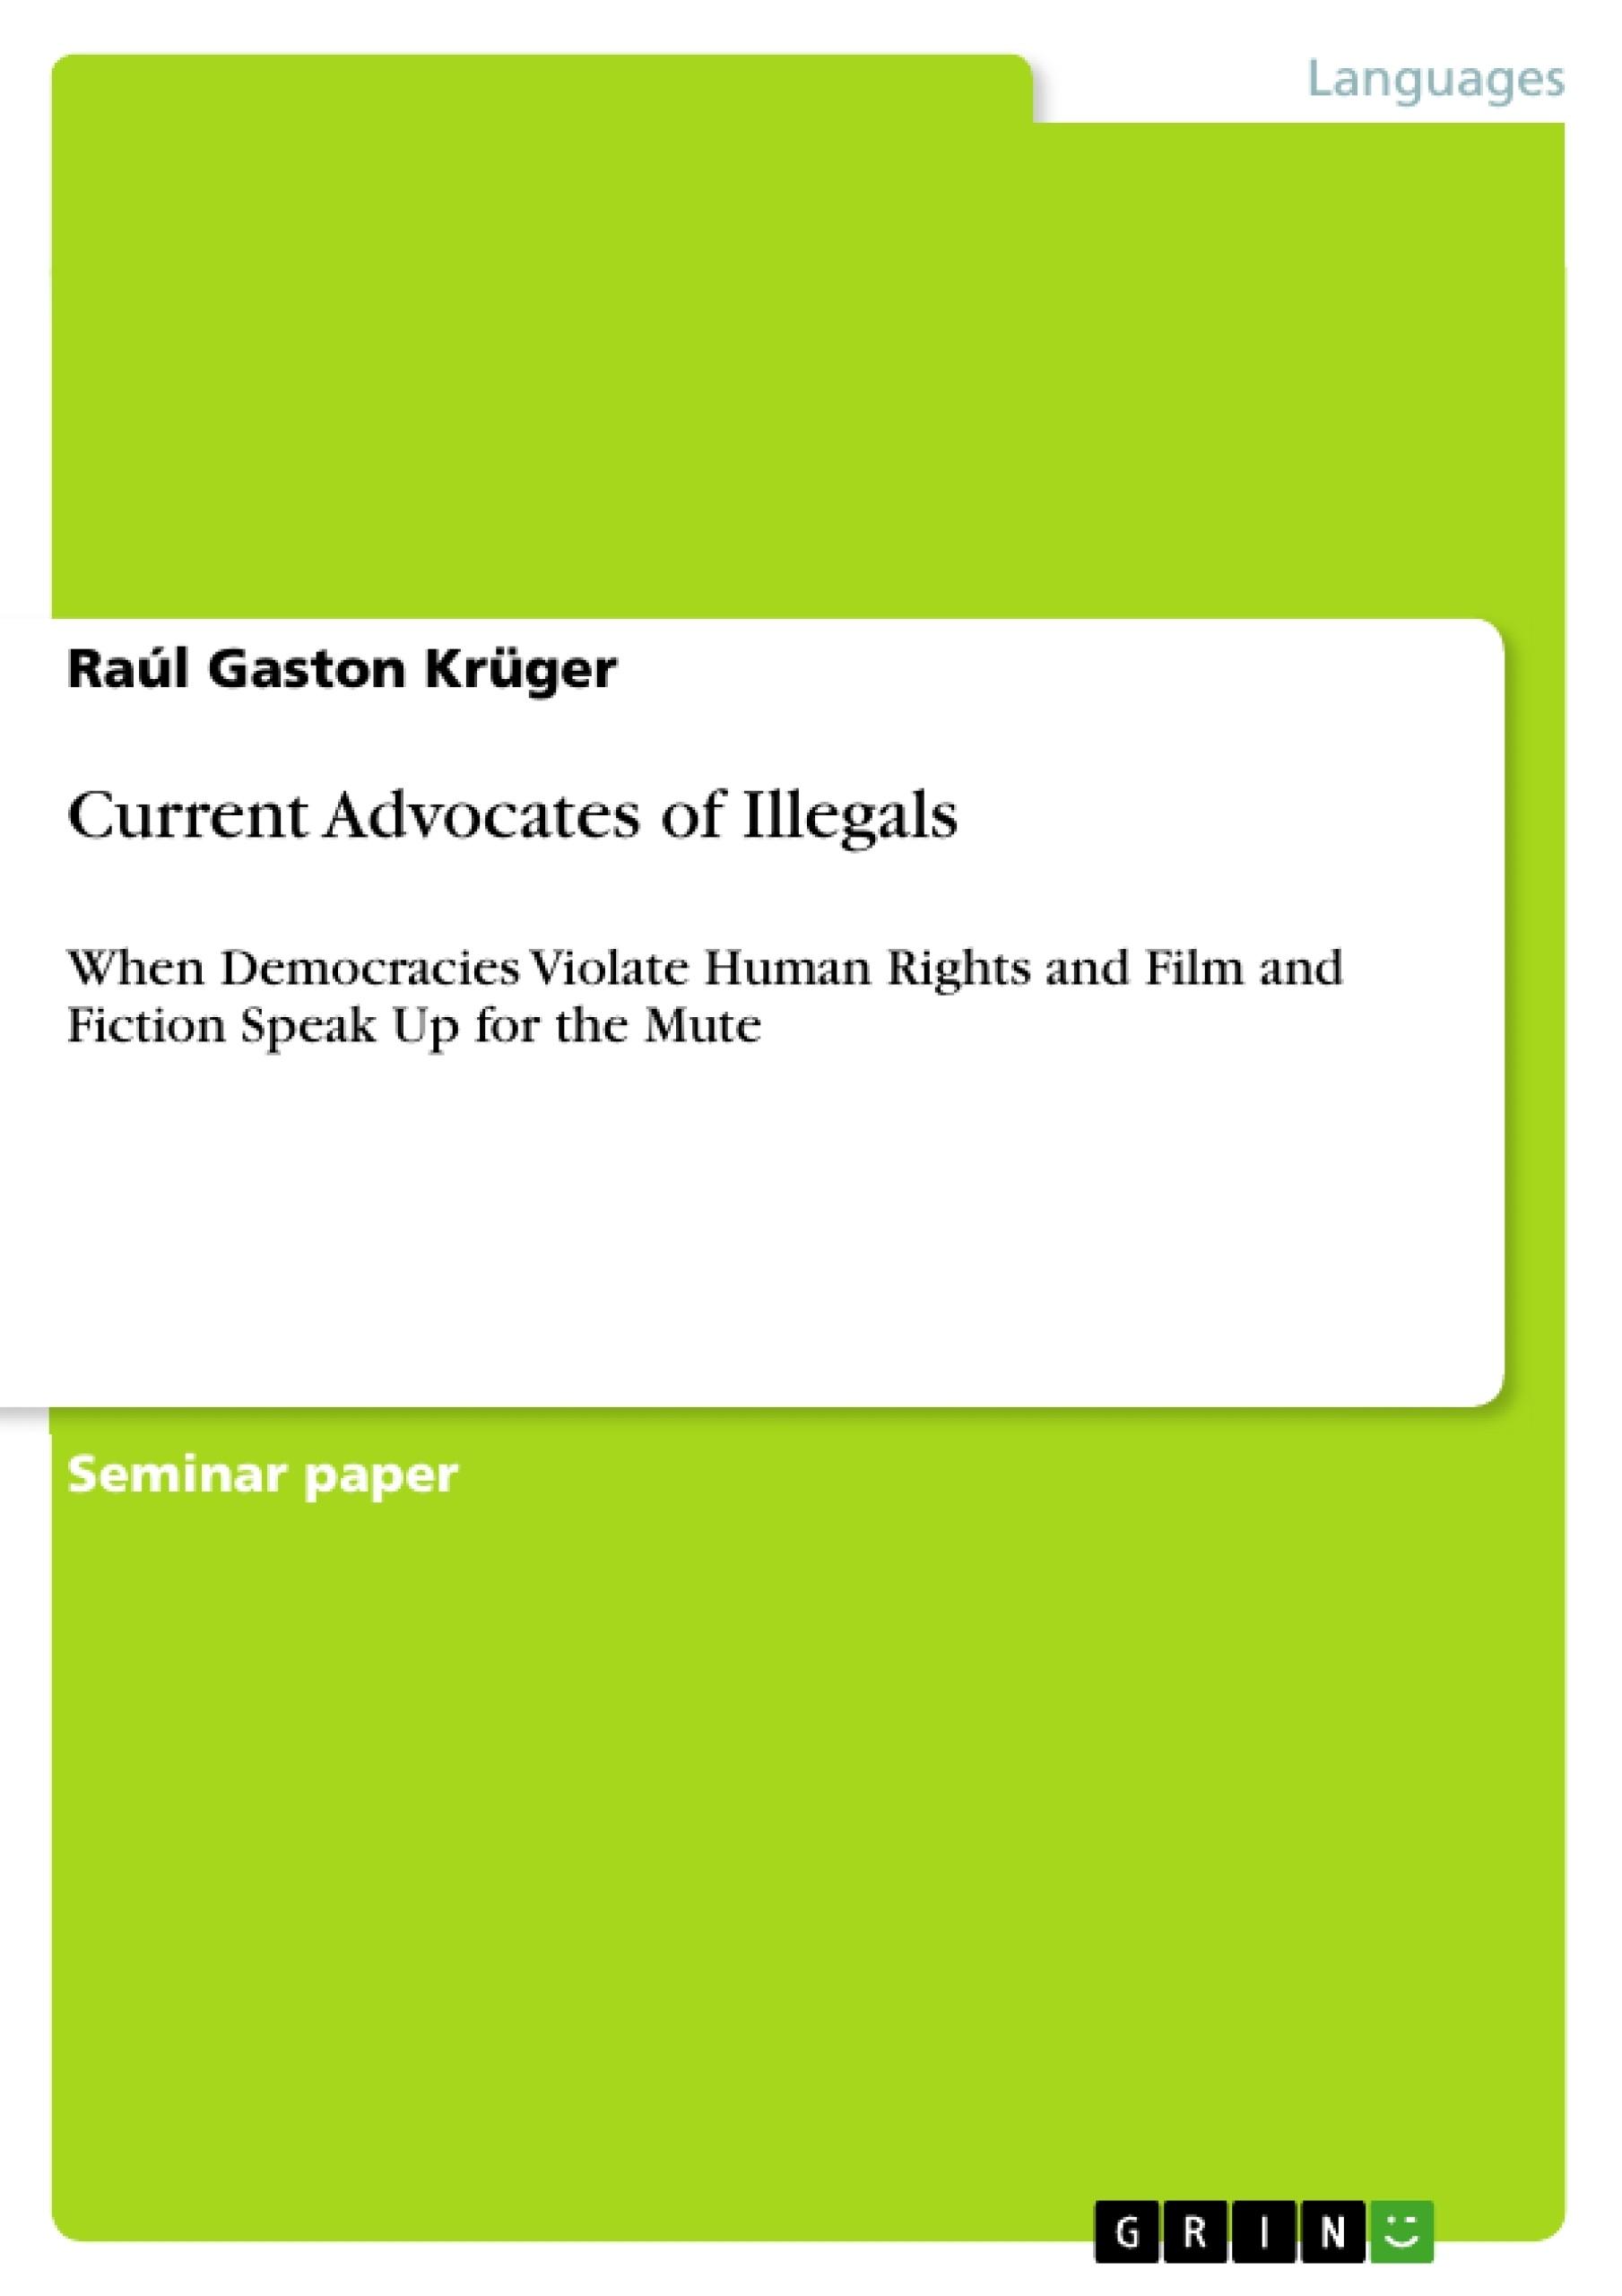 Title: Current Advocates of Illegals